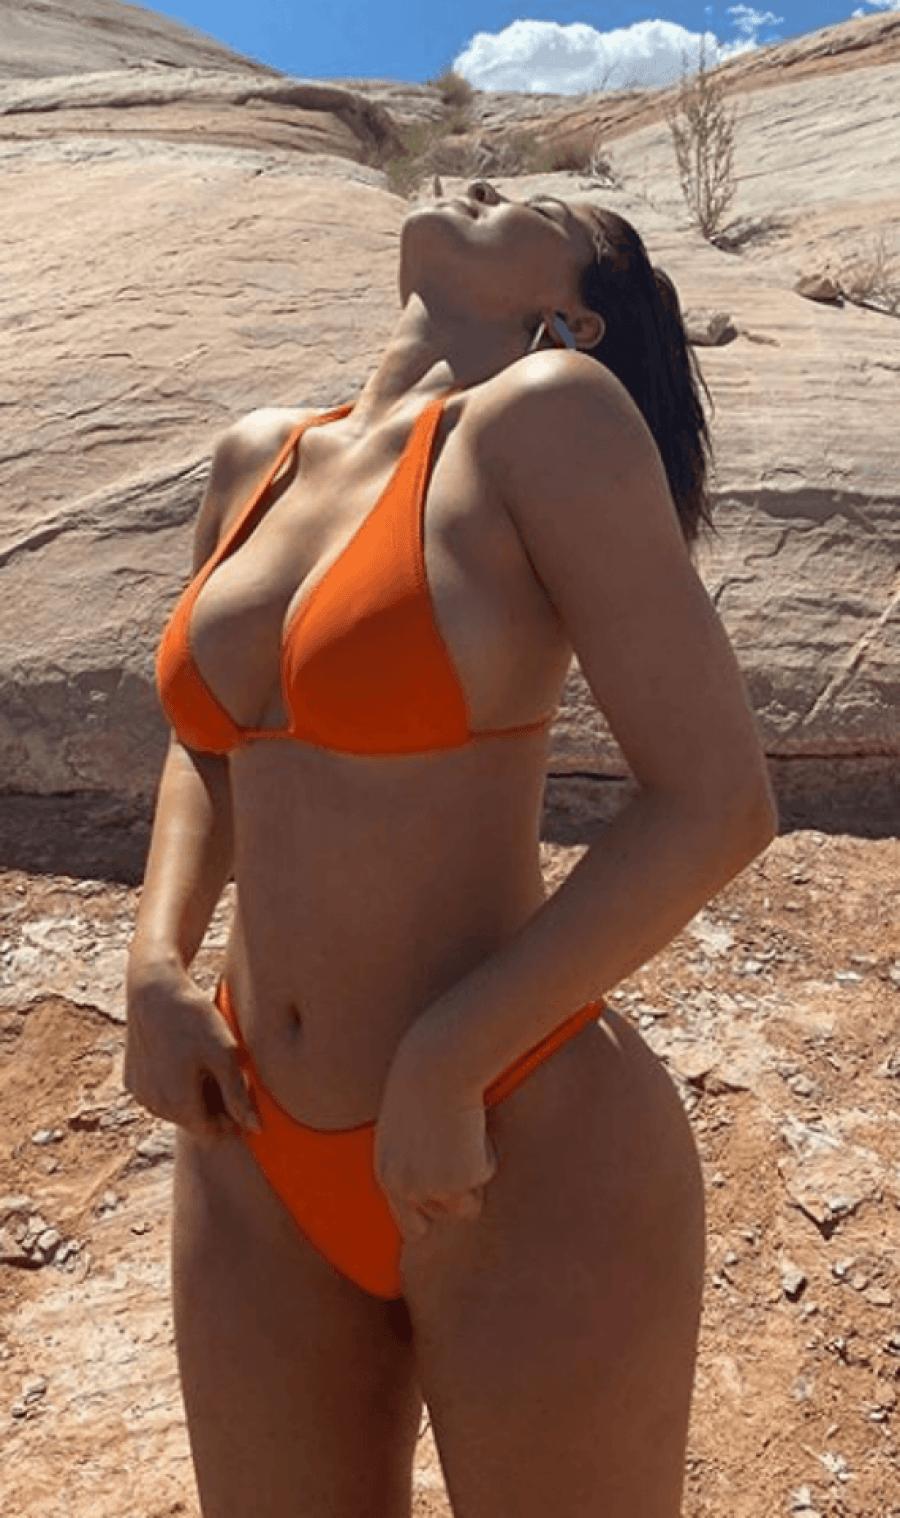 Kylie Jenner i kthehet diellit hellip  me t euml  gjitha